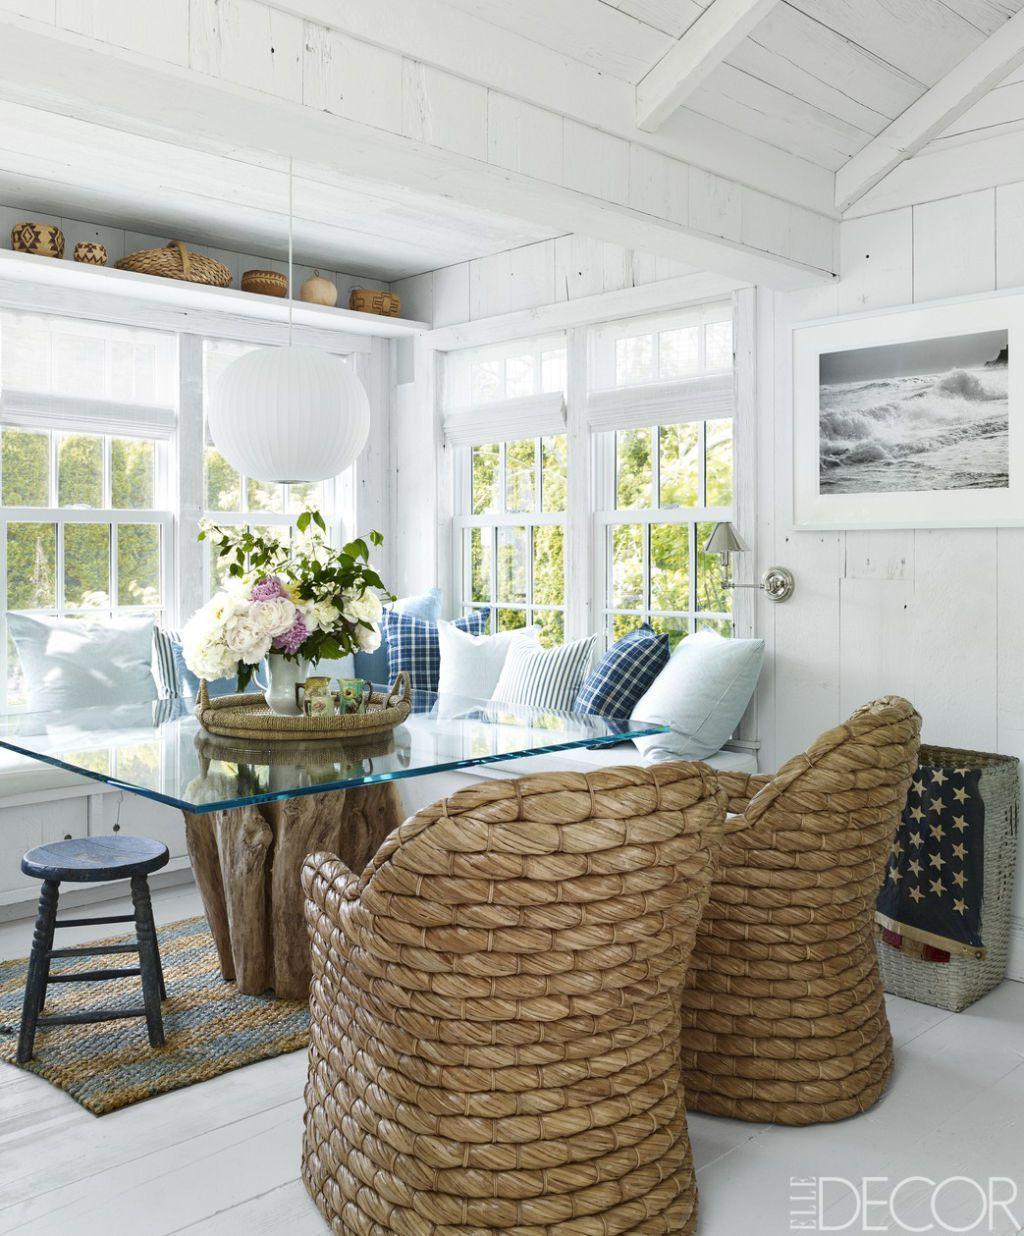 Decoration items for a Beach house décor